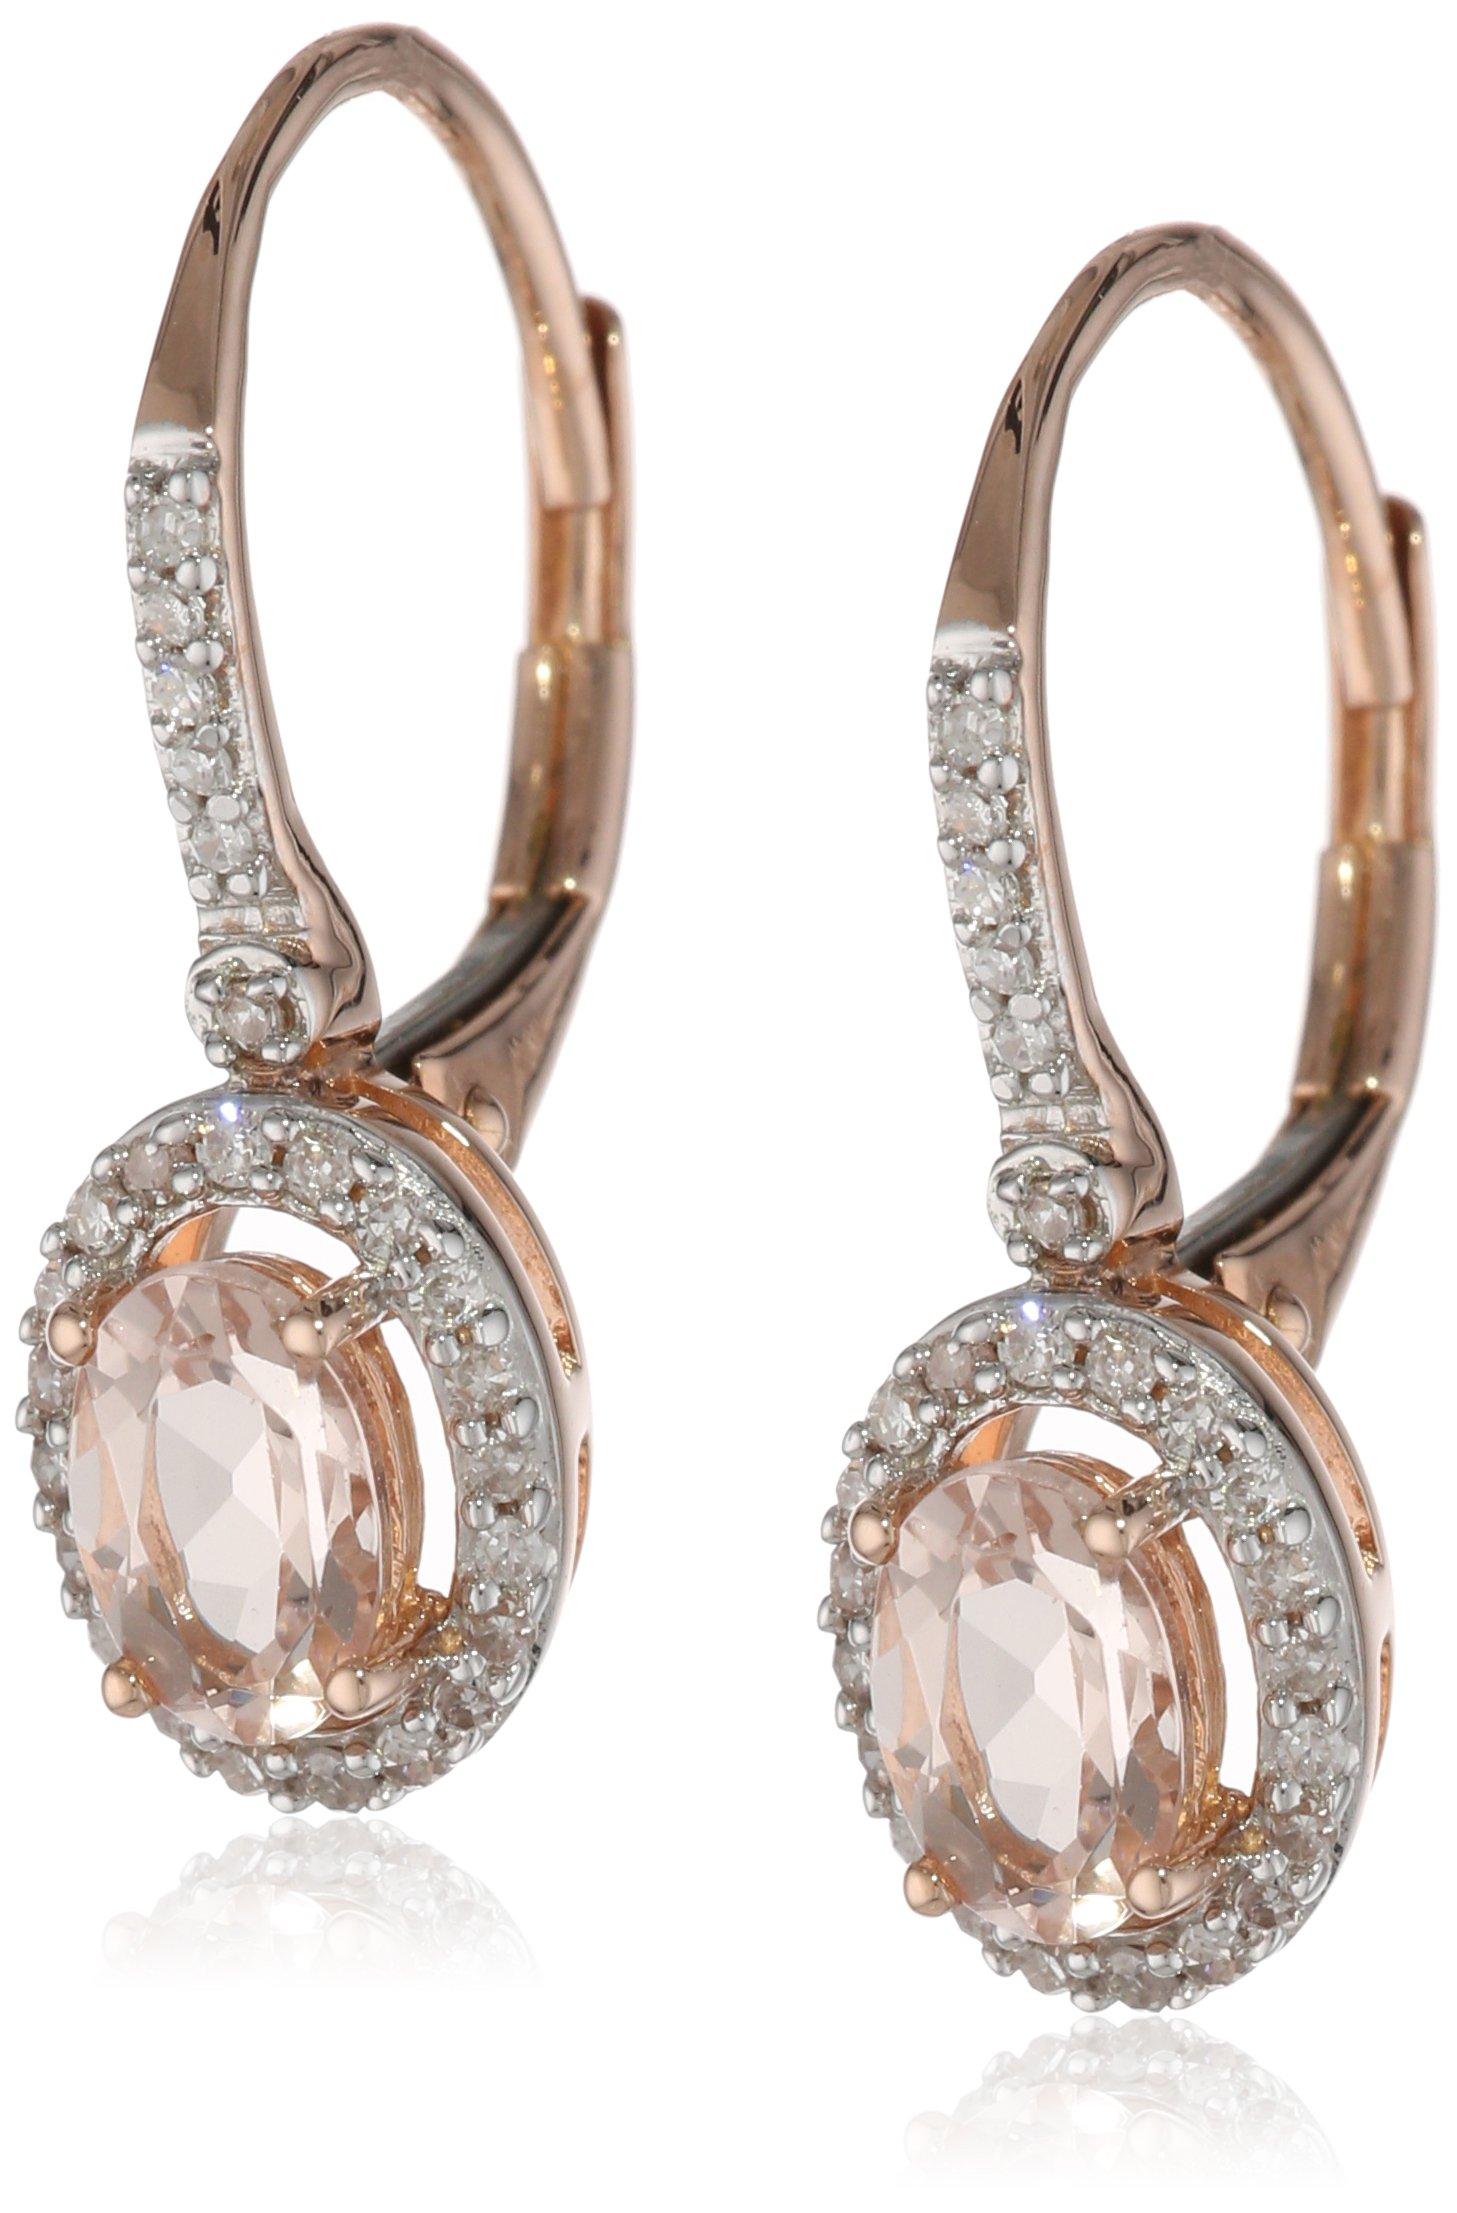 Rose Gold Morganite and Diamond Earrings image